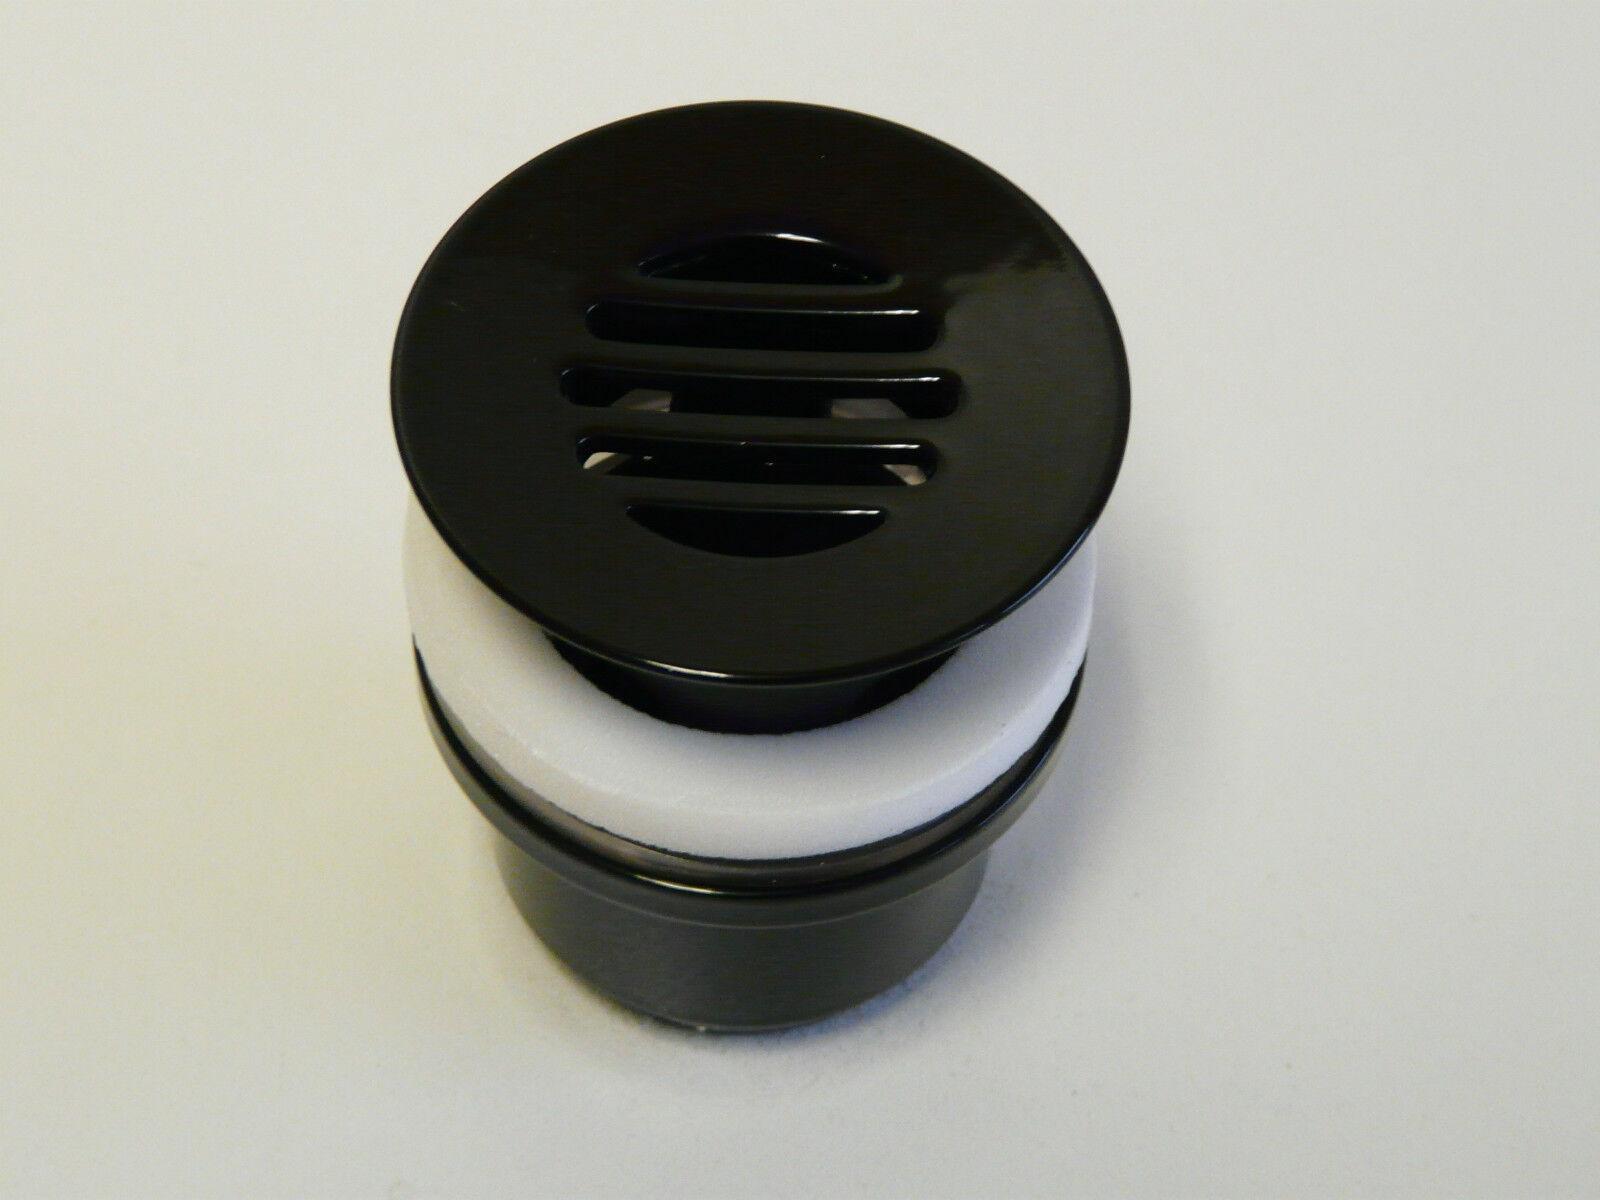 Ablaufgarnitur Schwarz (RAL 9005), Ablaufventil, Permanentablauf, mit Überlauf | Der Schatz des Kindes, unser Glück  | Kostengünstiger  | Sehr gute Farbe  | Ausgezeichnetes Handwerk